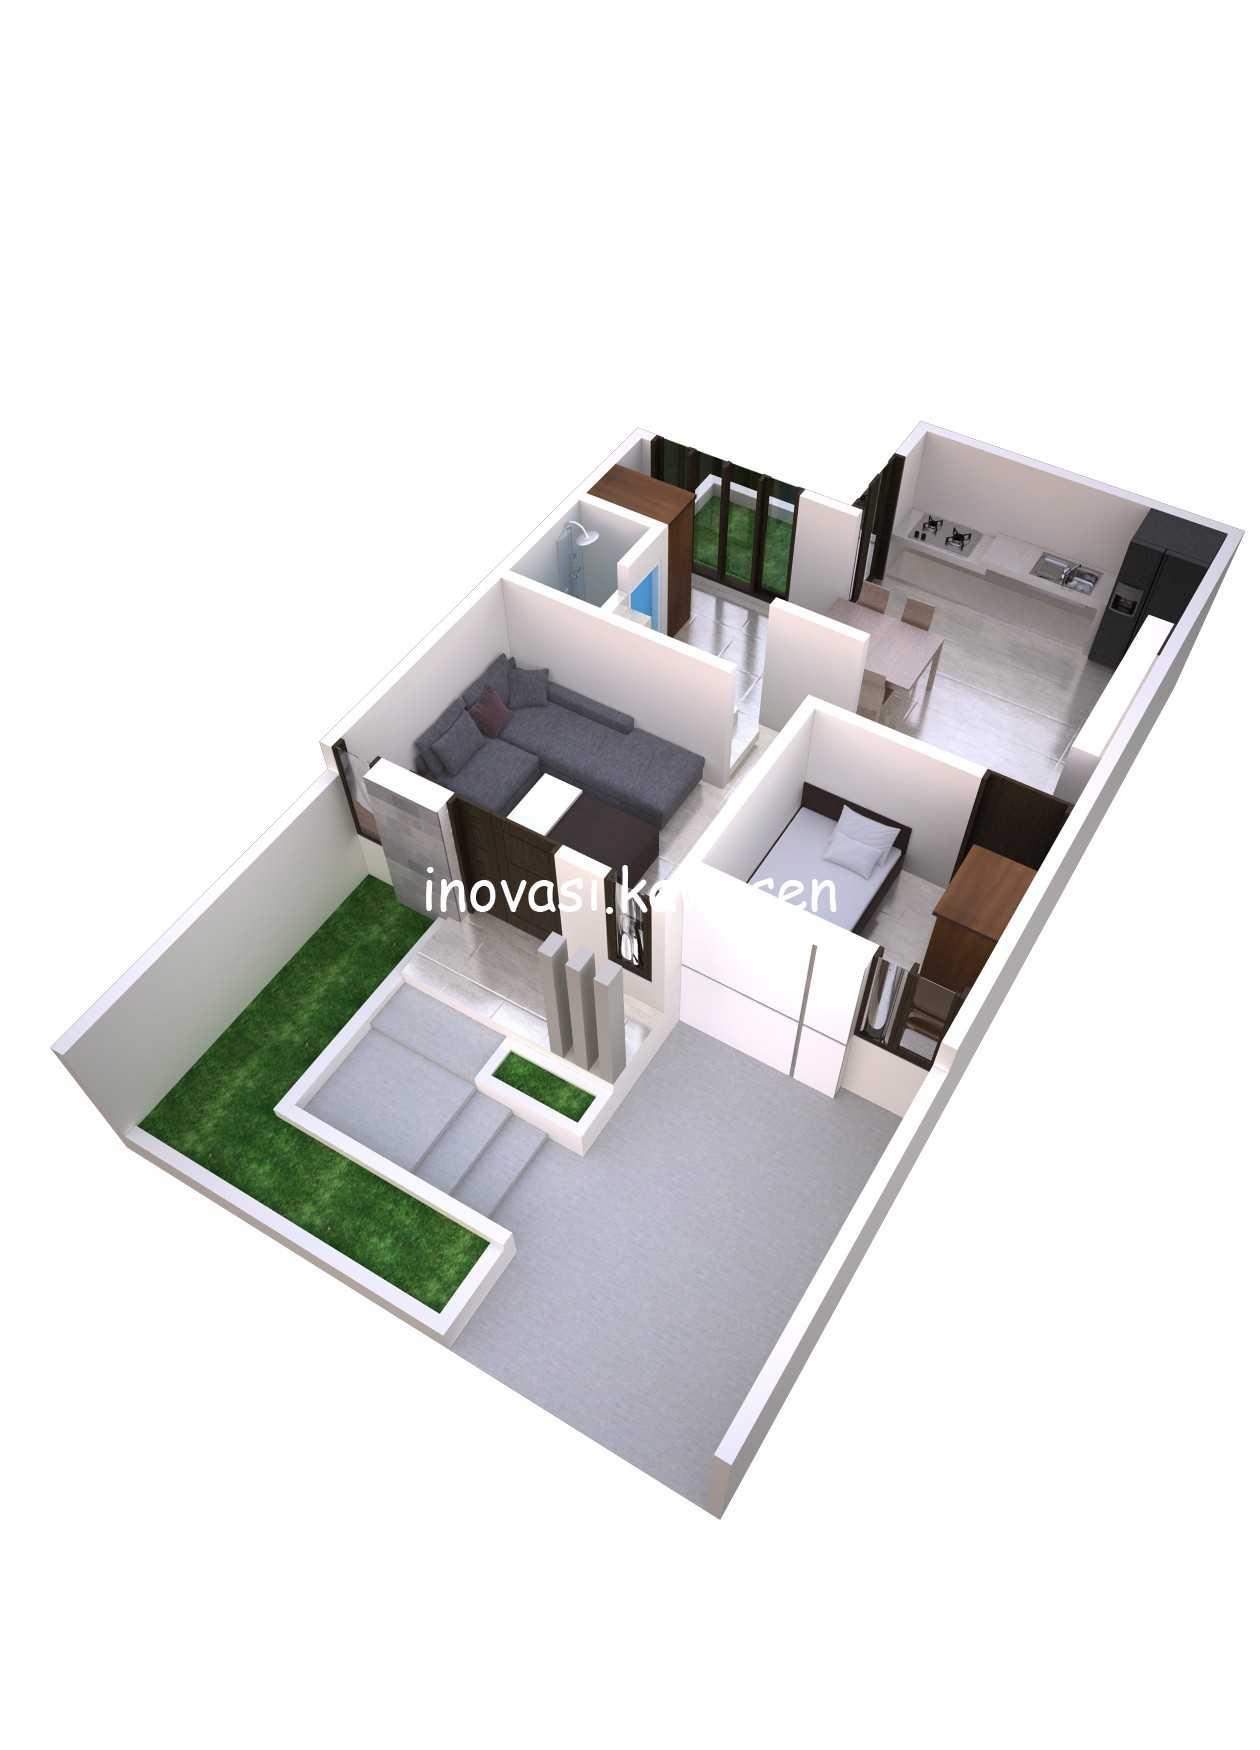 Inovasi Kawasen Renovasi Rumah Type 45 ( Desain ) Kota Depok, Jawa Barat, Indonesia Kota Depok, Jawa Barat, Indonesia Inovasi-Kawasen-Renovasi-Rumah-Type-45-Desain-  89834